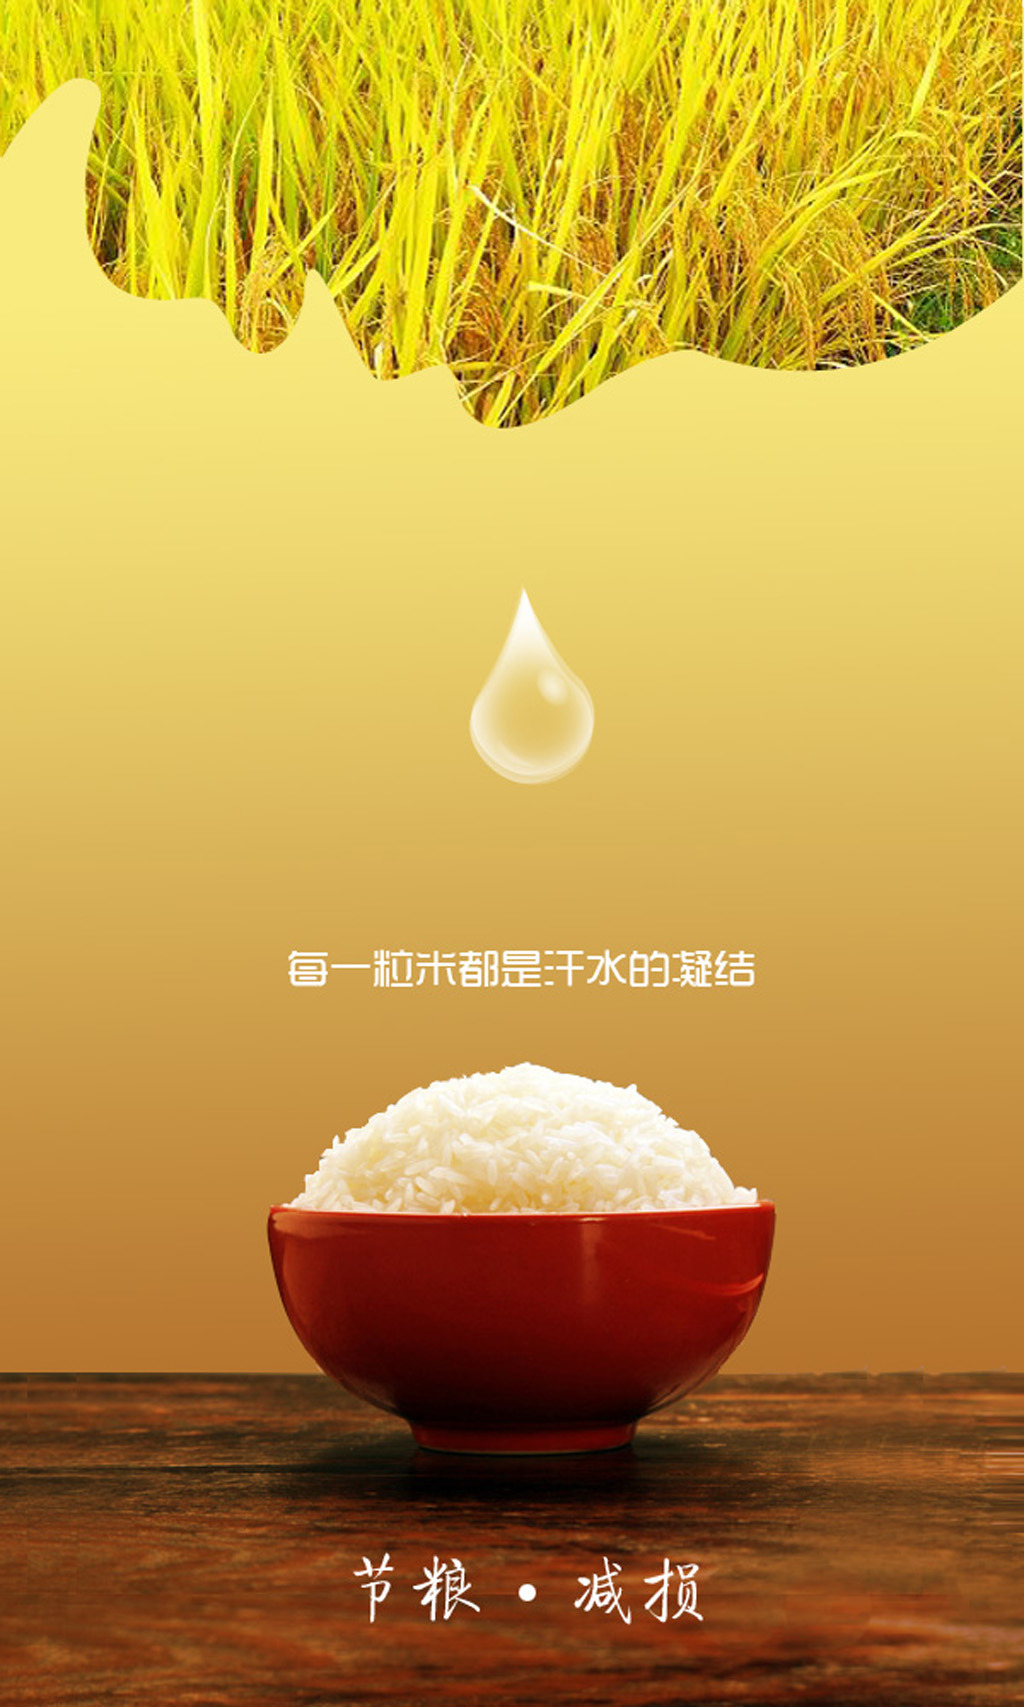 节约粮食公益海报图片